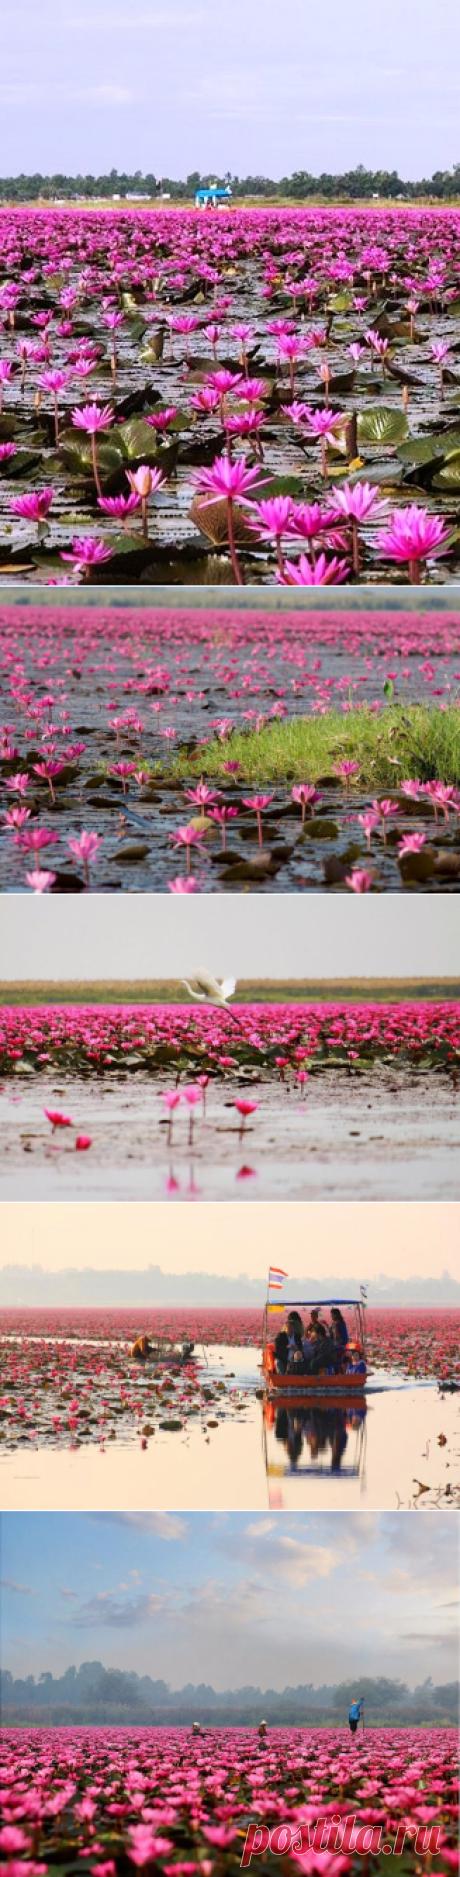 """Озеро невероятной красоты — """"море красных лотосов"""" в Таиланде"""